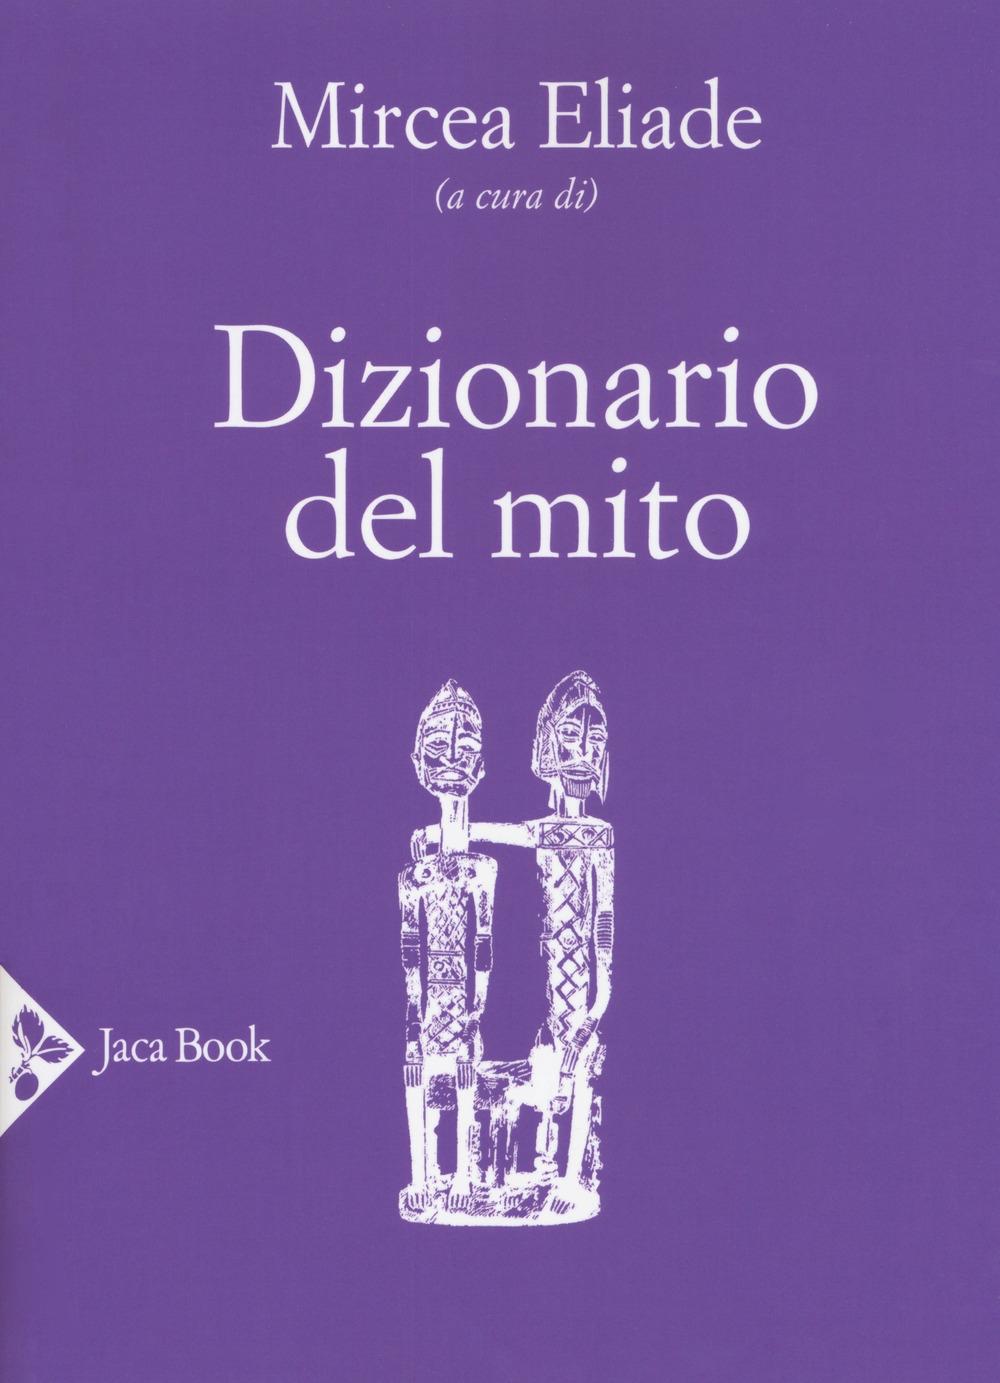 Dizionario dei miti